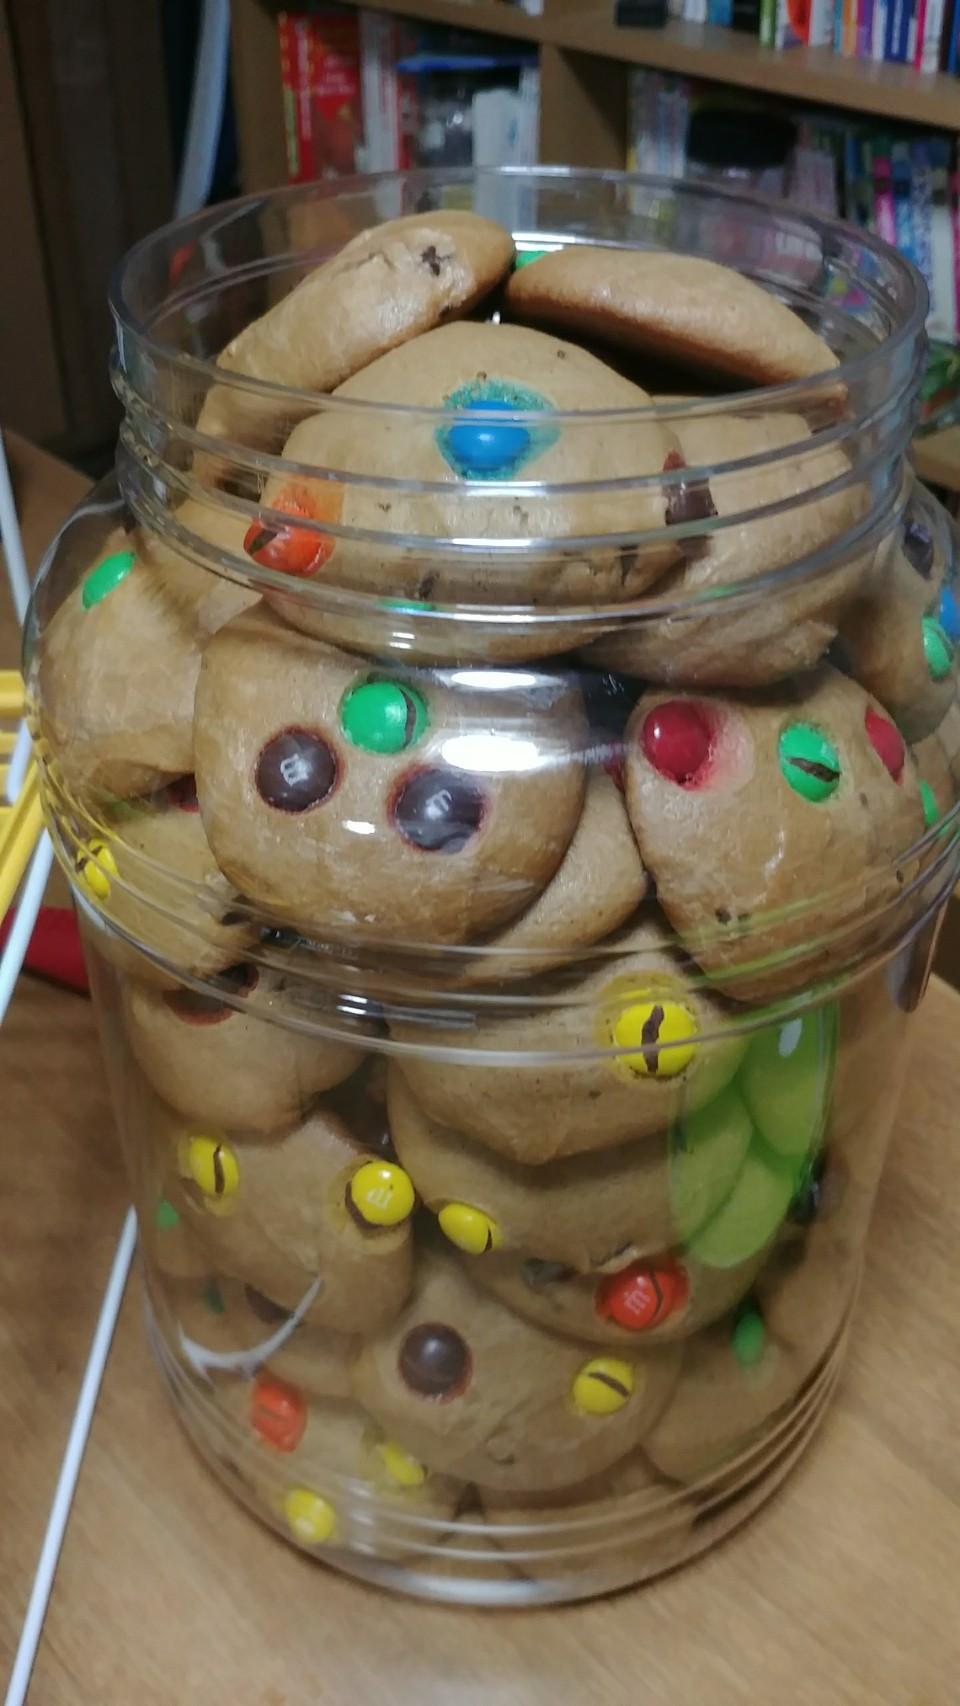 Lots of cookies in a jar.